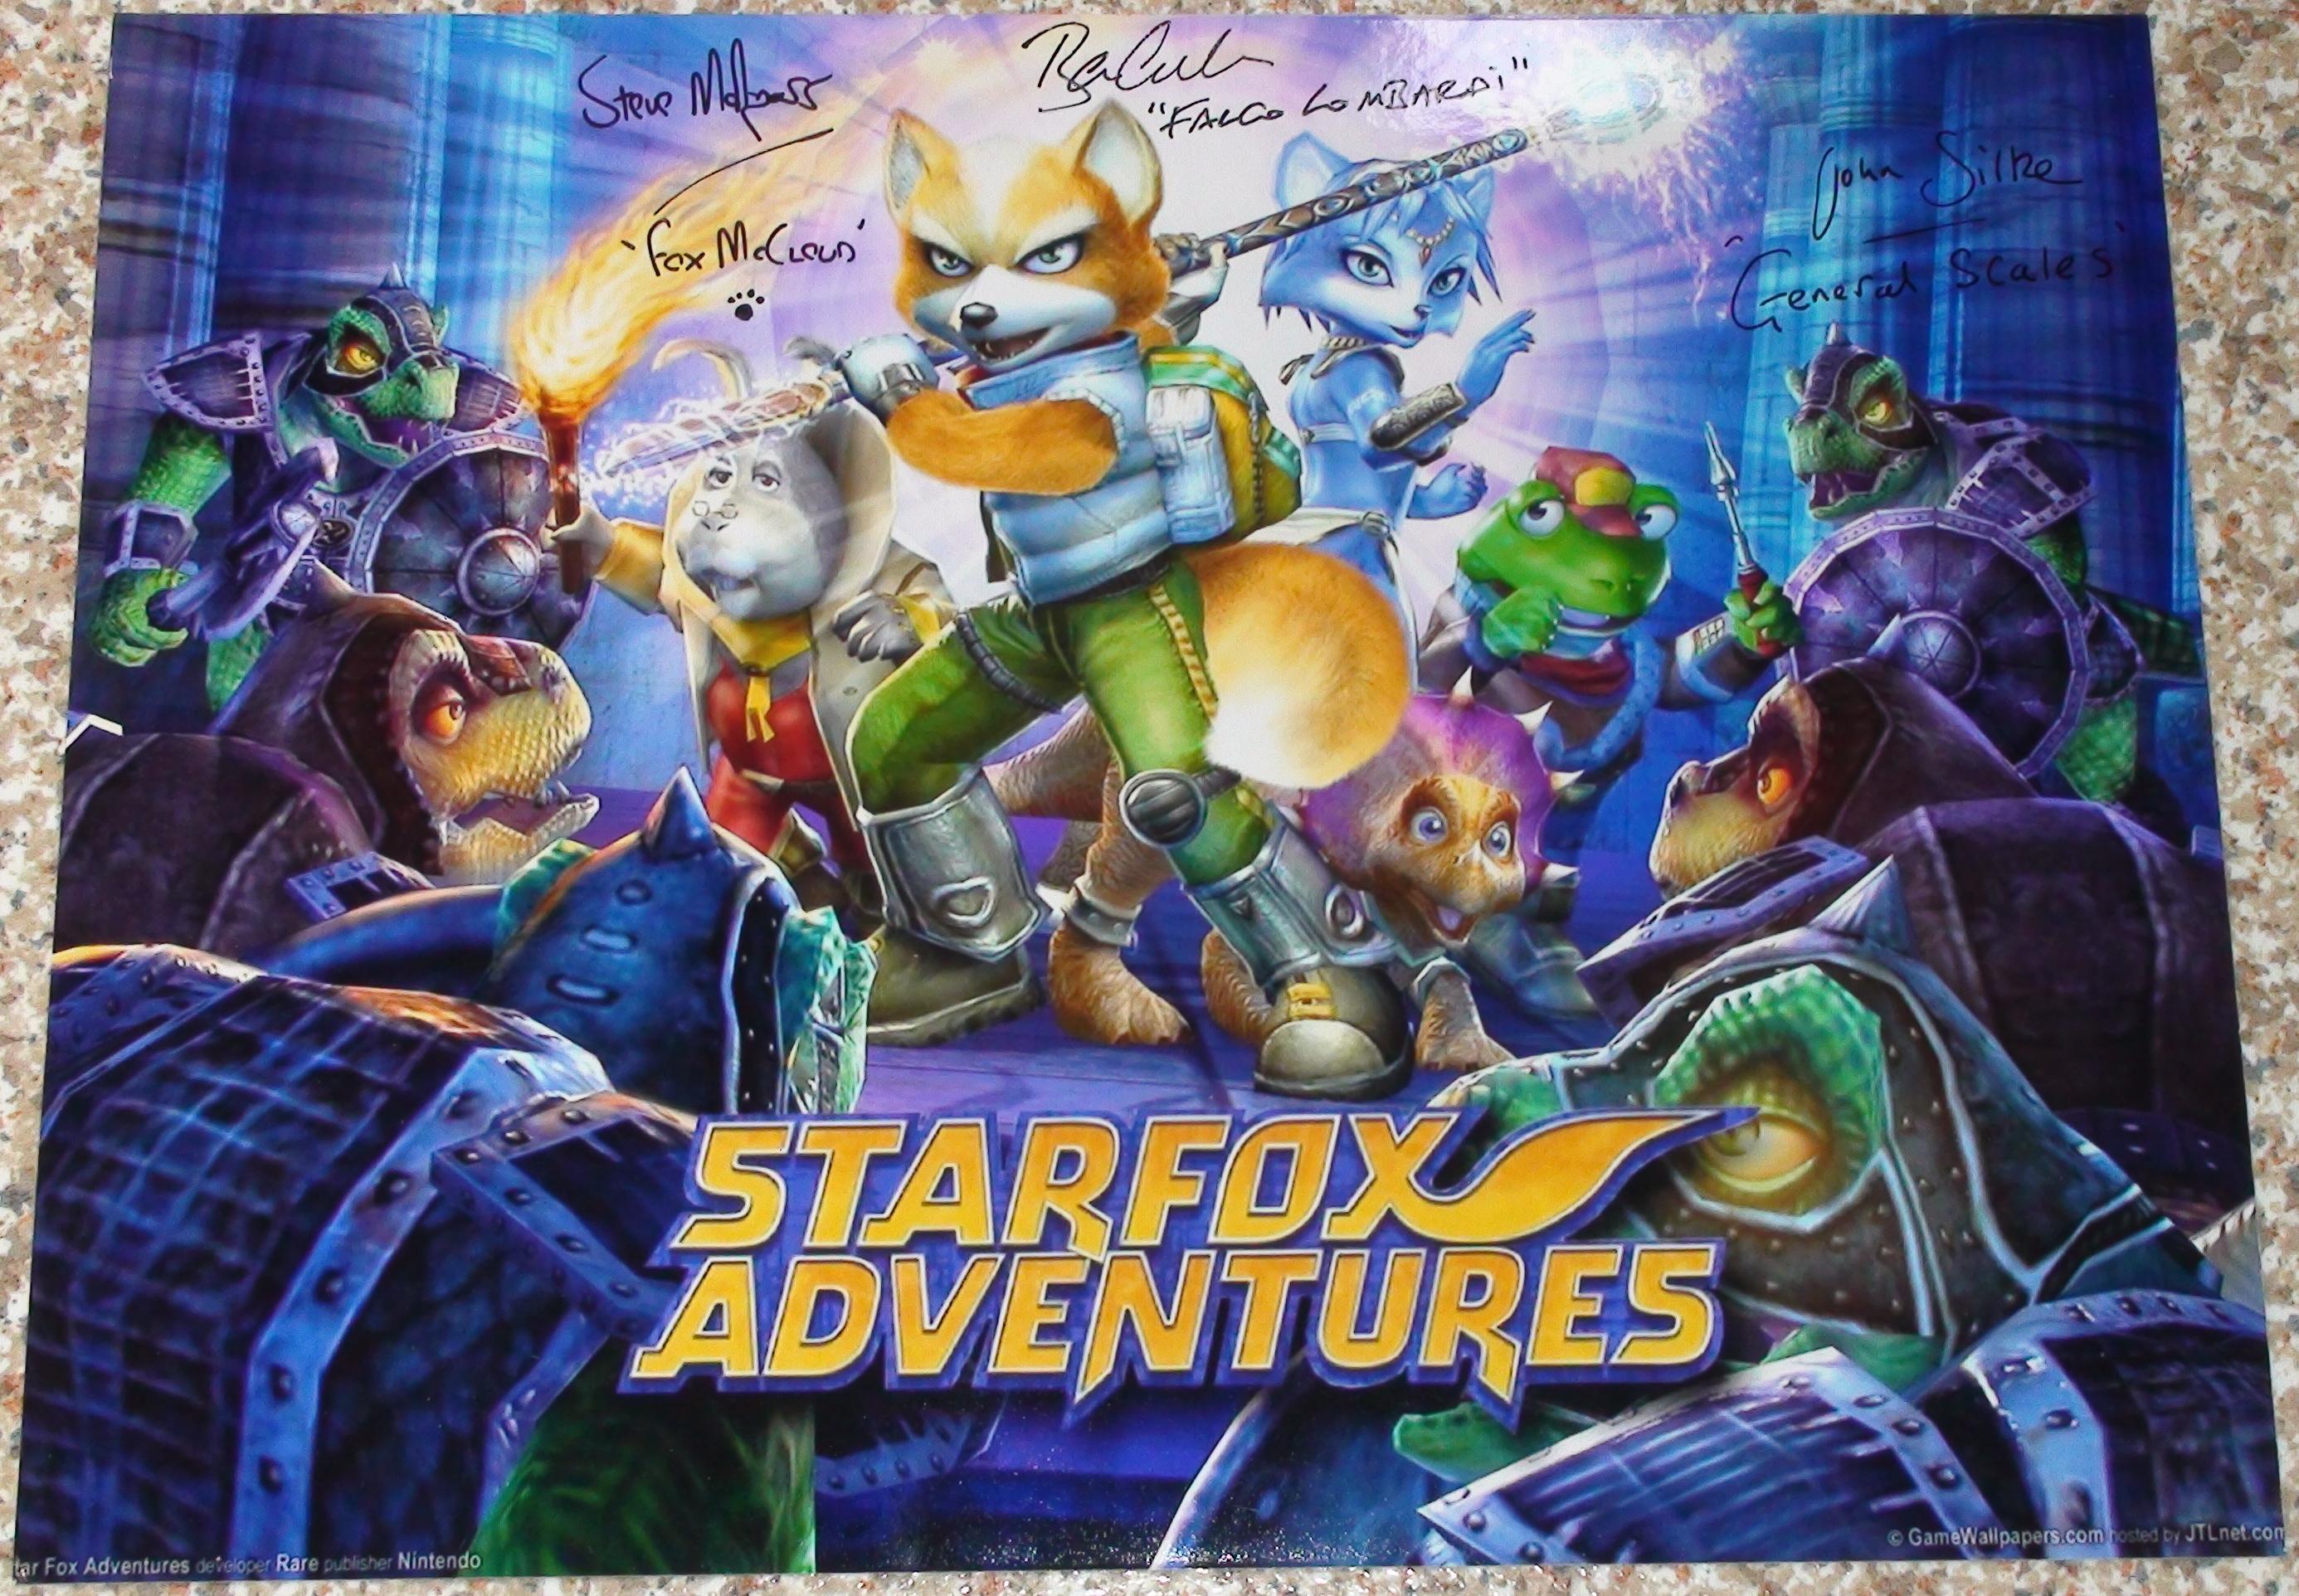 StarFox Adventures - Malpass, Silke, Cullum